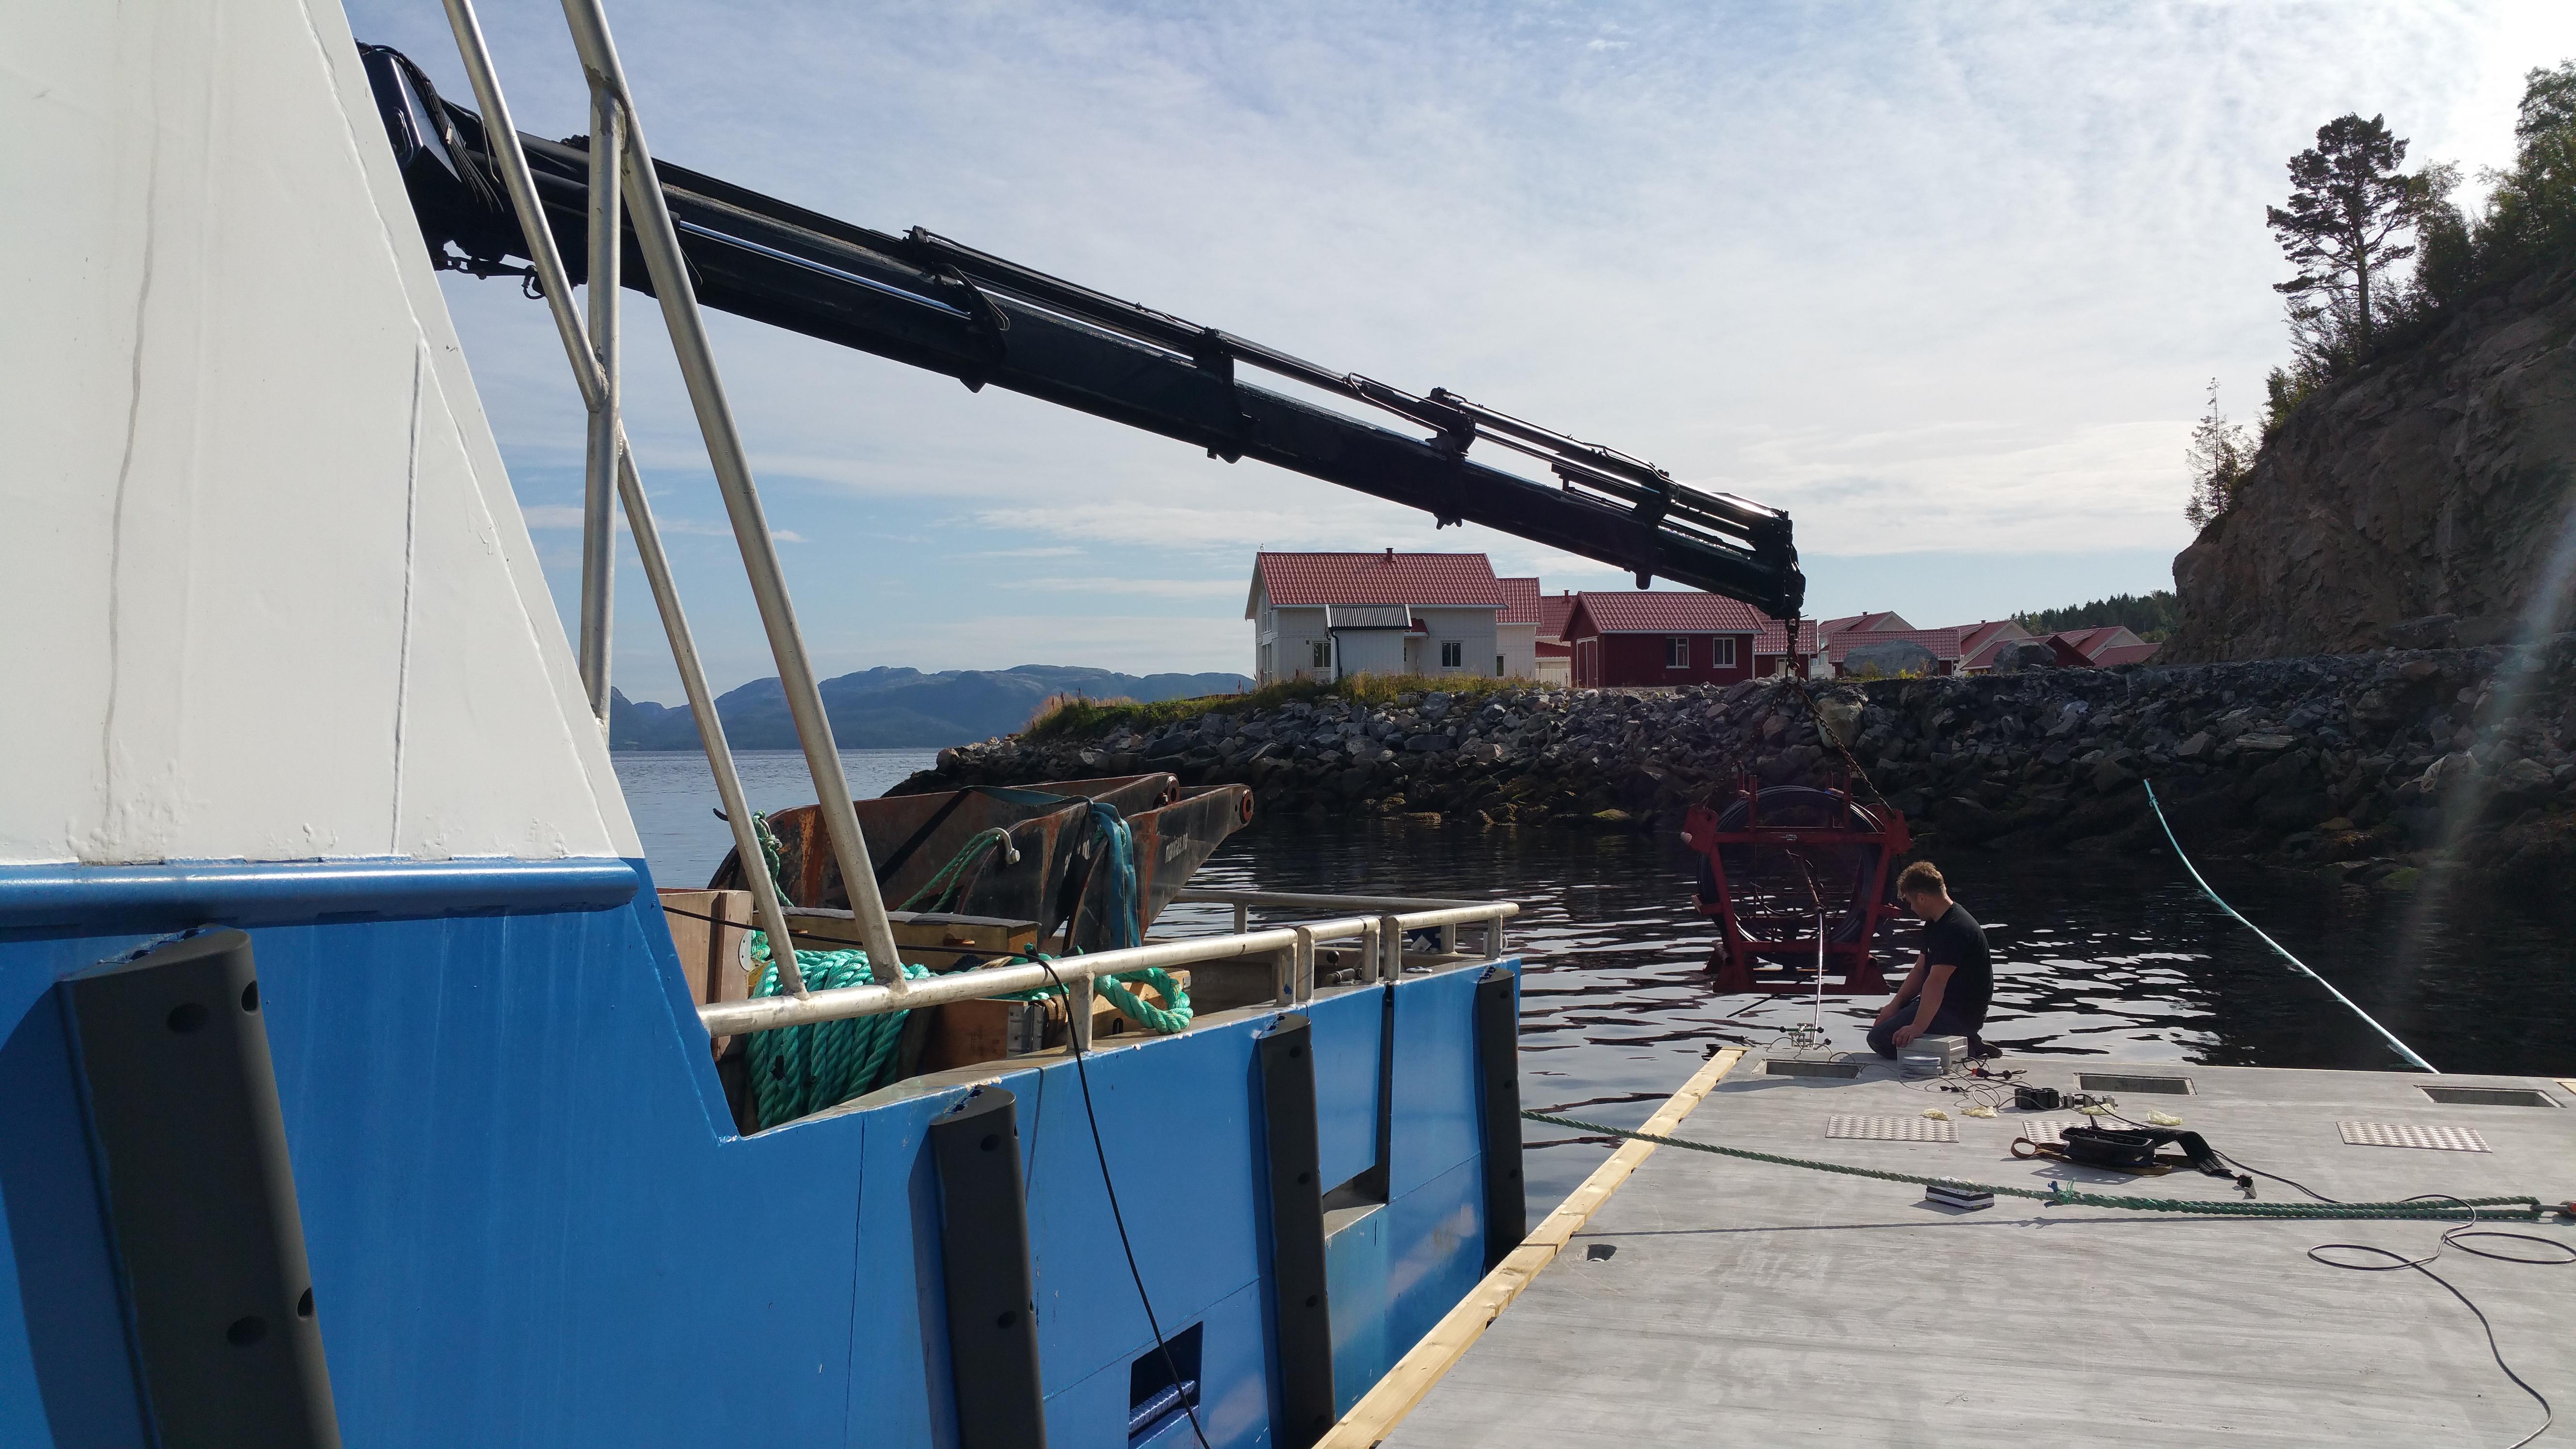 https://marinasolutions.no/uploads/Namsos-Statland-2.jpg